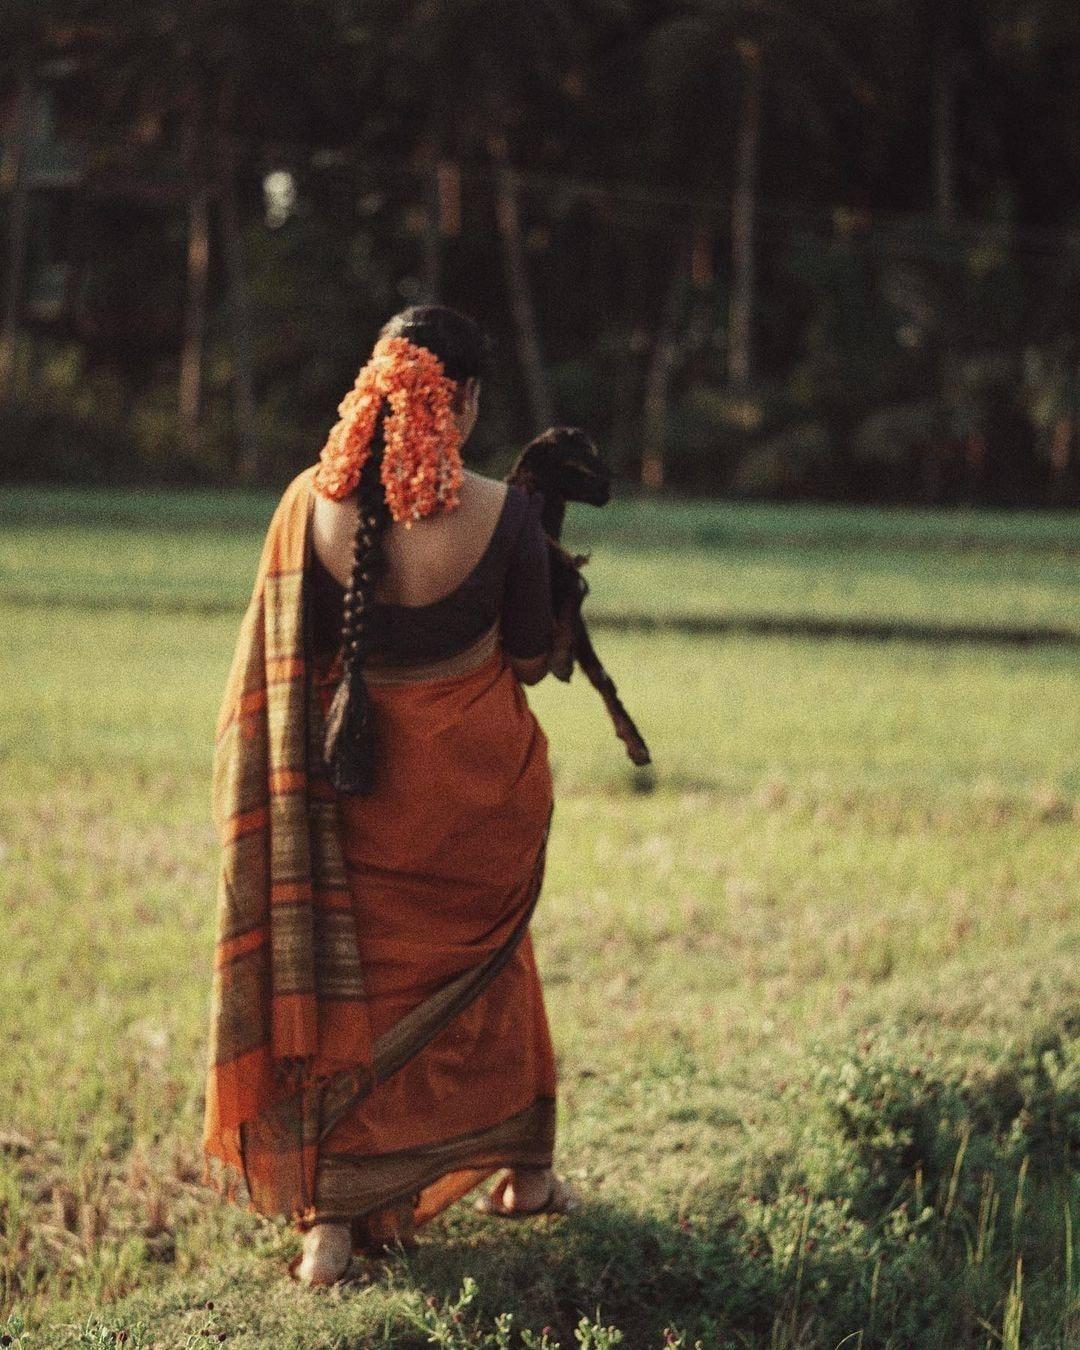 'சார்பட்டா பரம்பரை'யிலிருந்து நடிகை துஷாரா விஜயனின் அசத்தல் புகைப்படங்கள்!